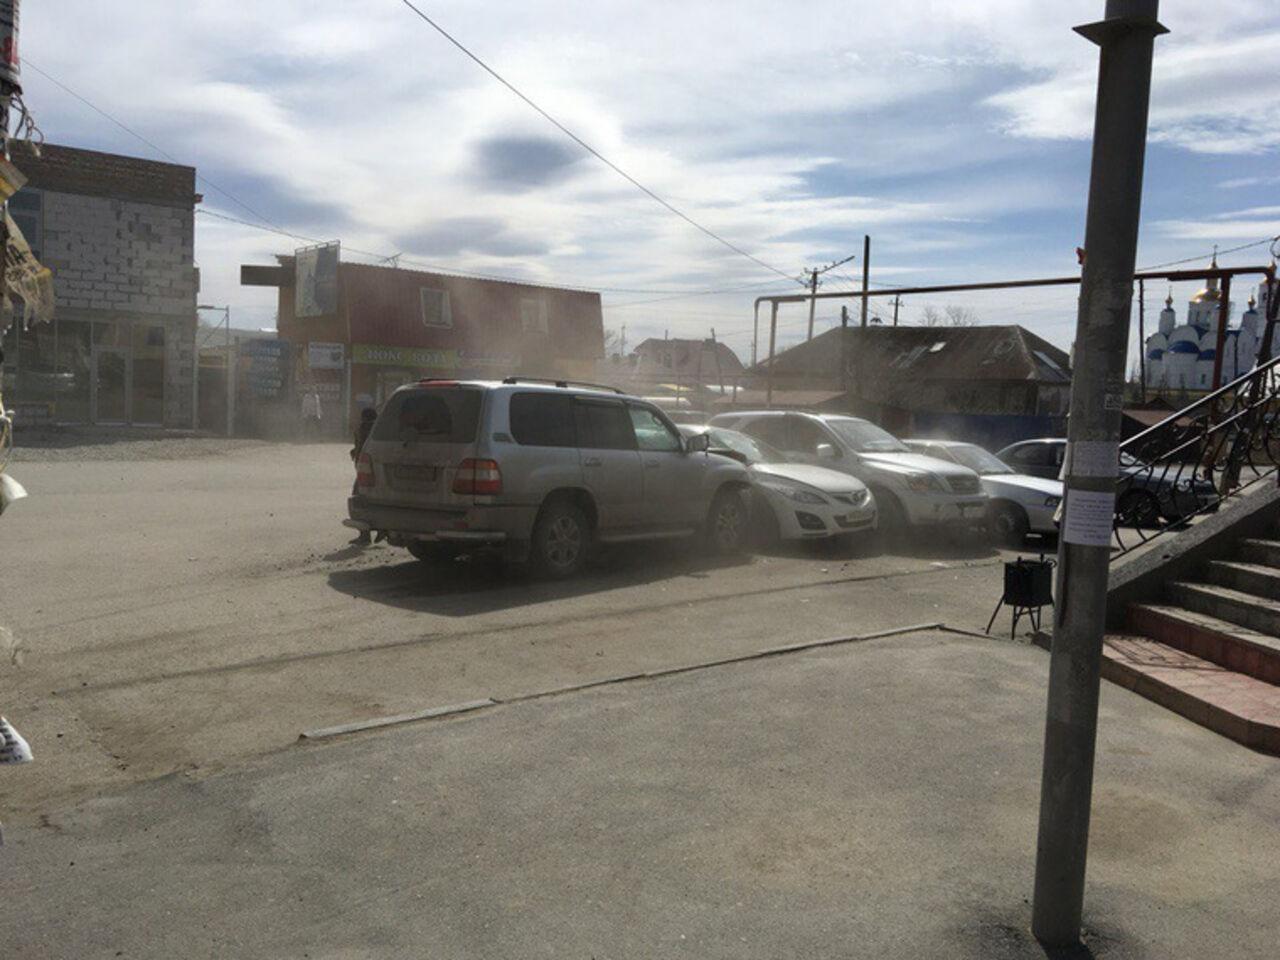 Сребёнком наколенках: вЧебаркуле «крузак» врезался вприпаркованные машины